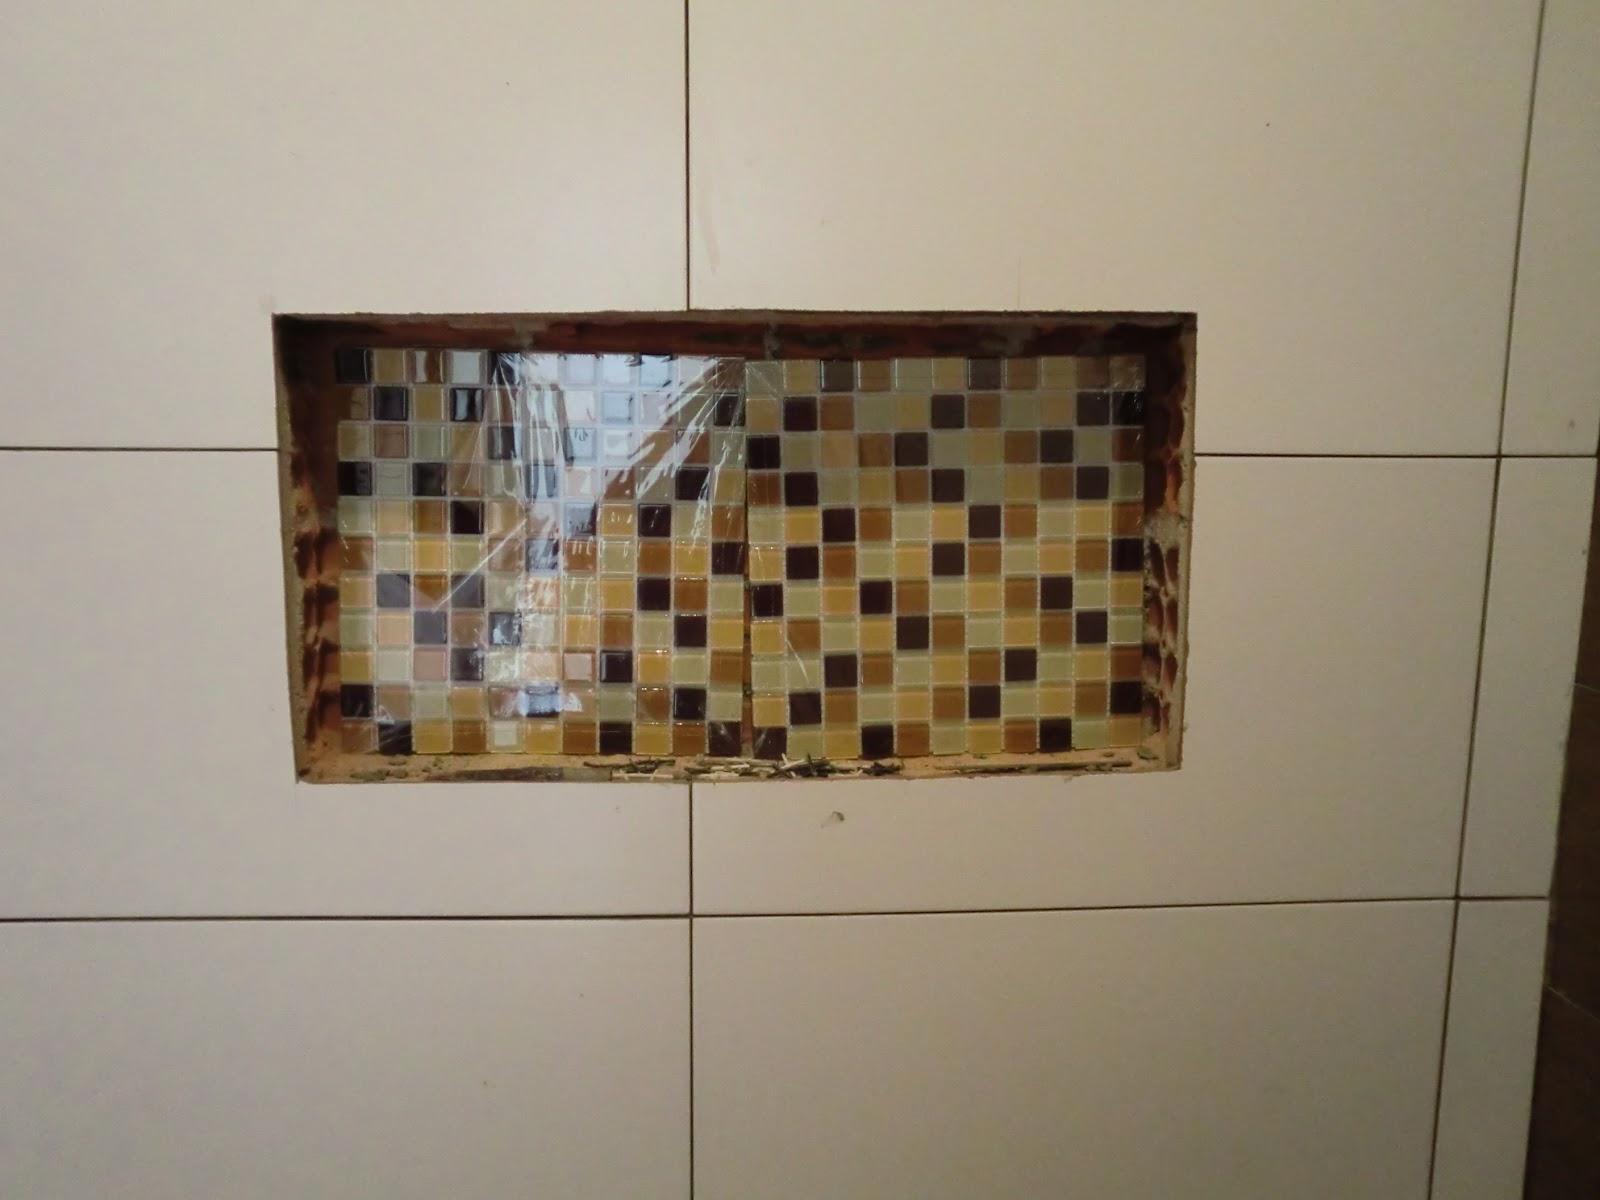 Reforma do Banheiro Pequeno Progresso Casa e Reforma #63482B 1600 1200